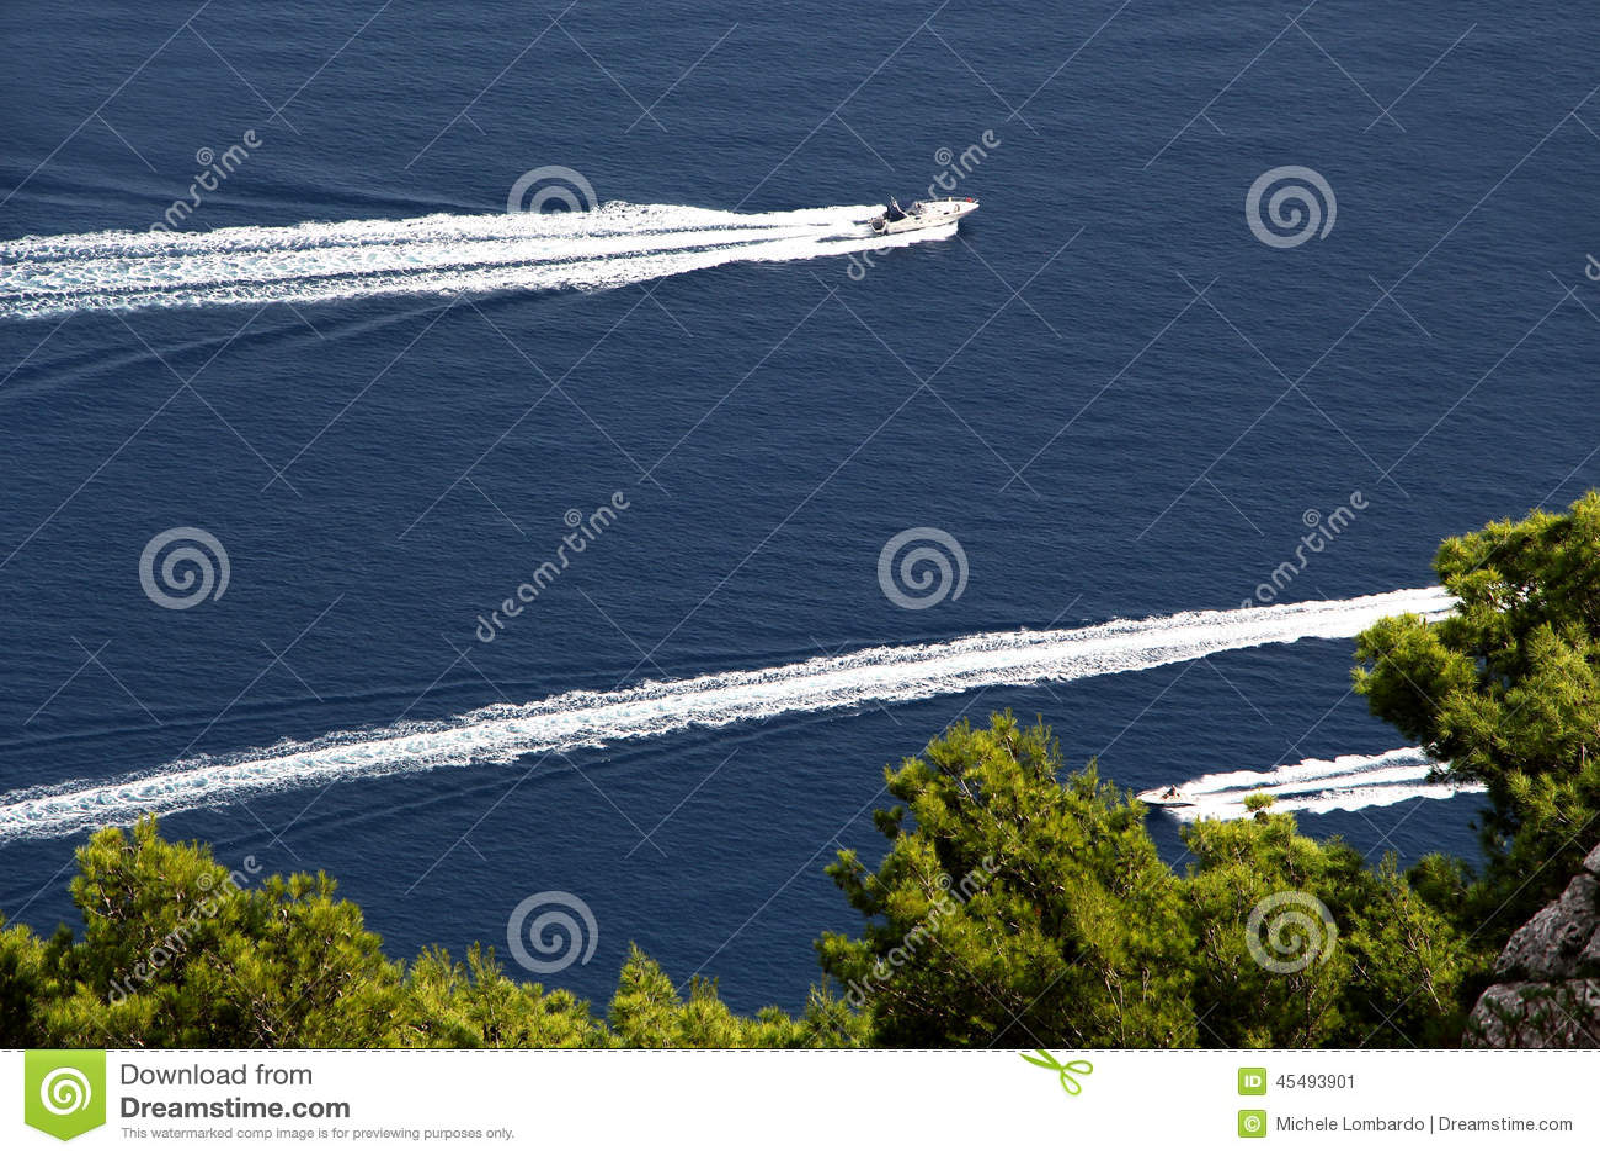 Drie motorboten tegen een blauwe overzees en bomen